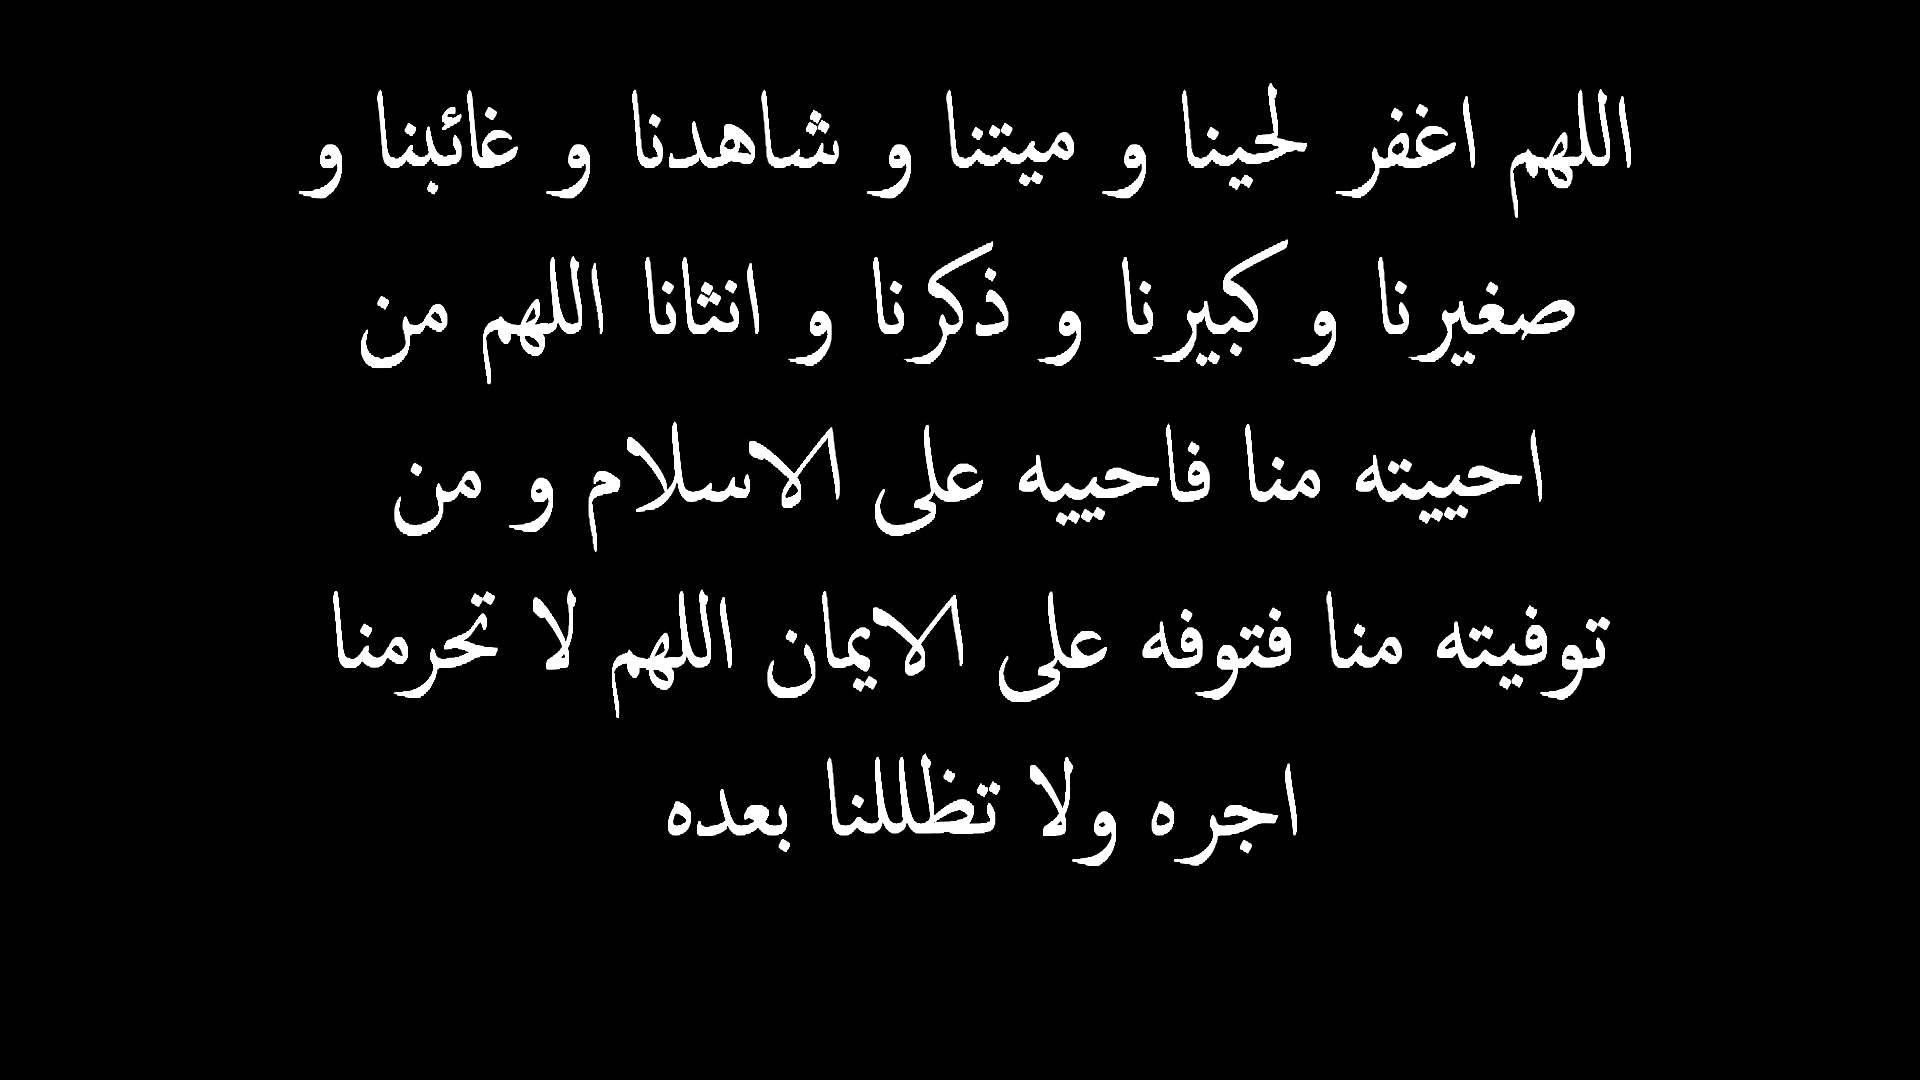 بالصور دعاء للمسلمين , صوت رائع ودعاء جميل 5213